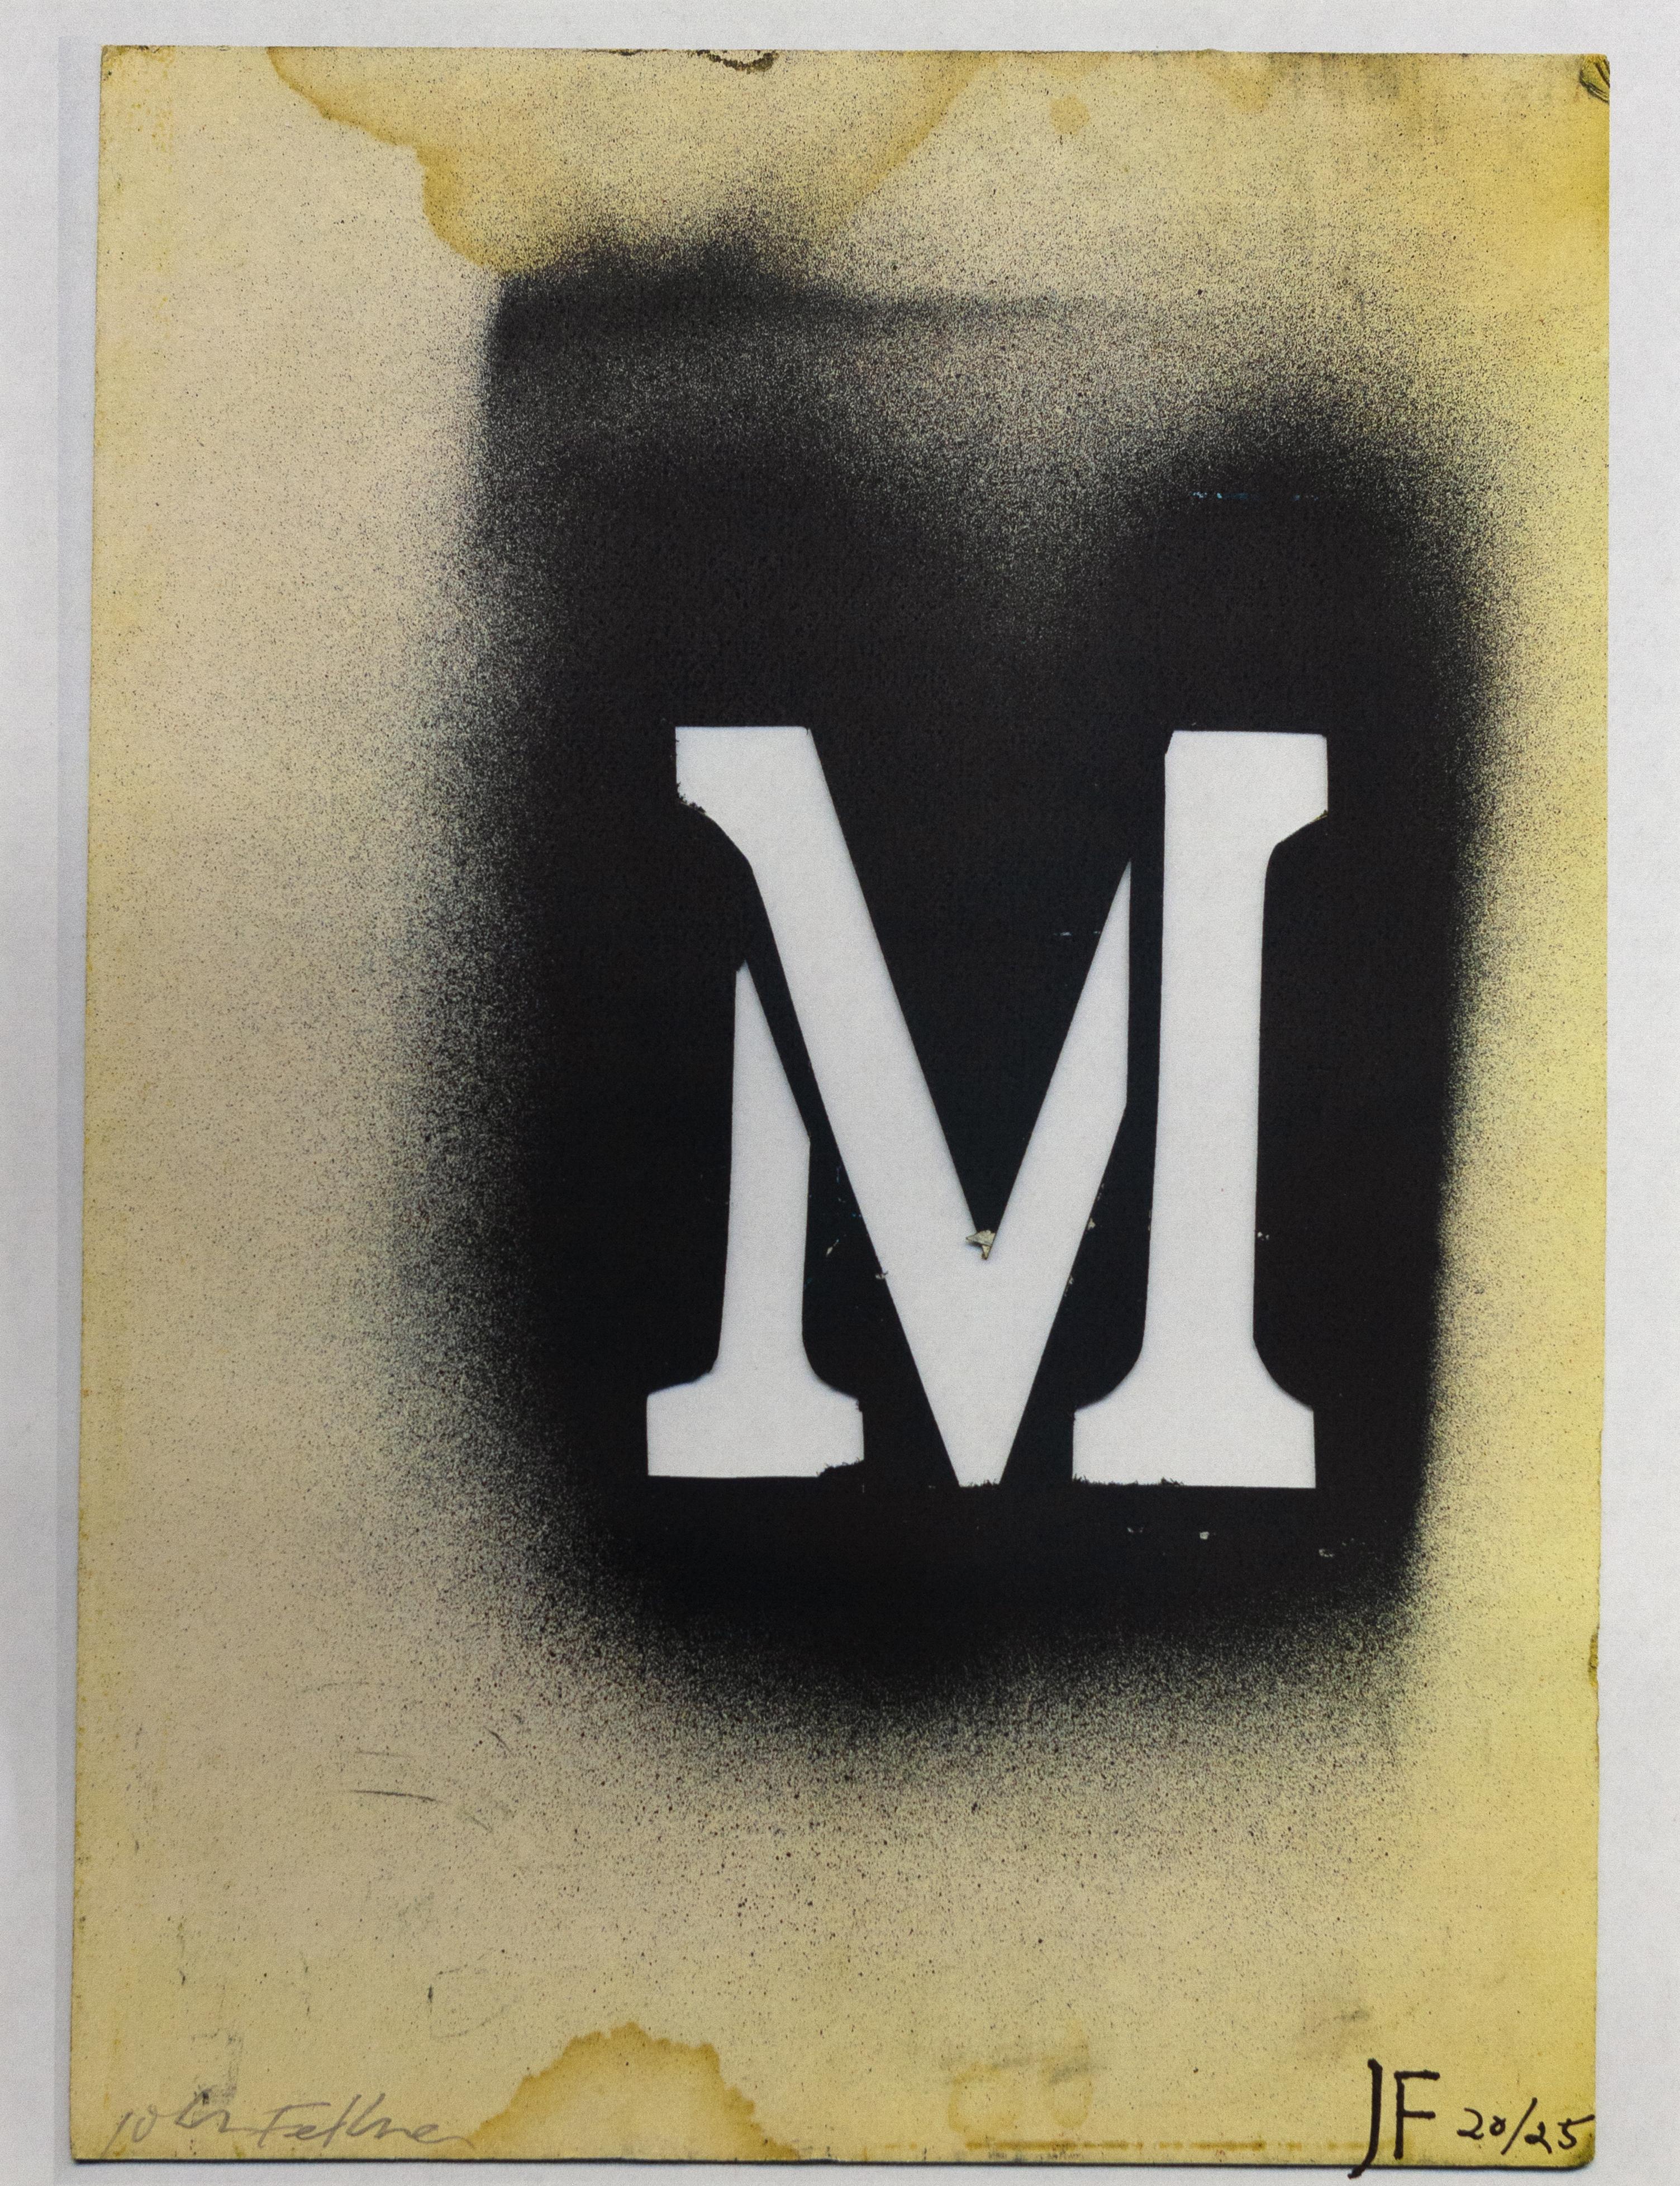 M (as in memory)